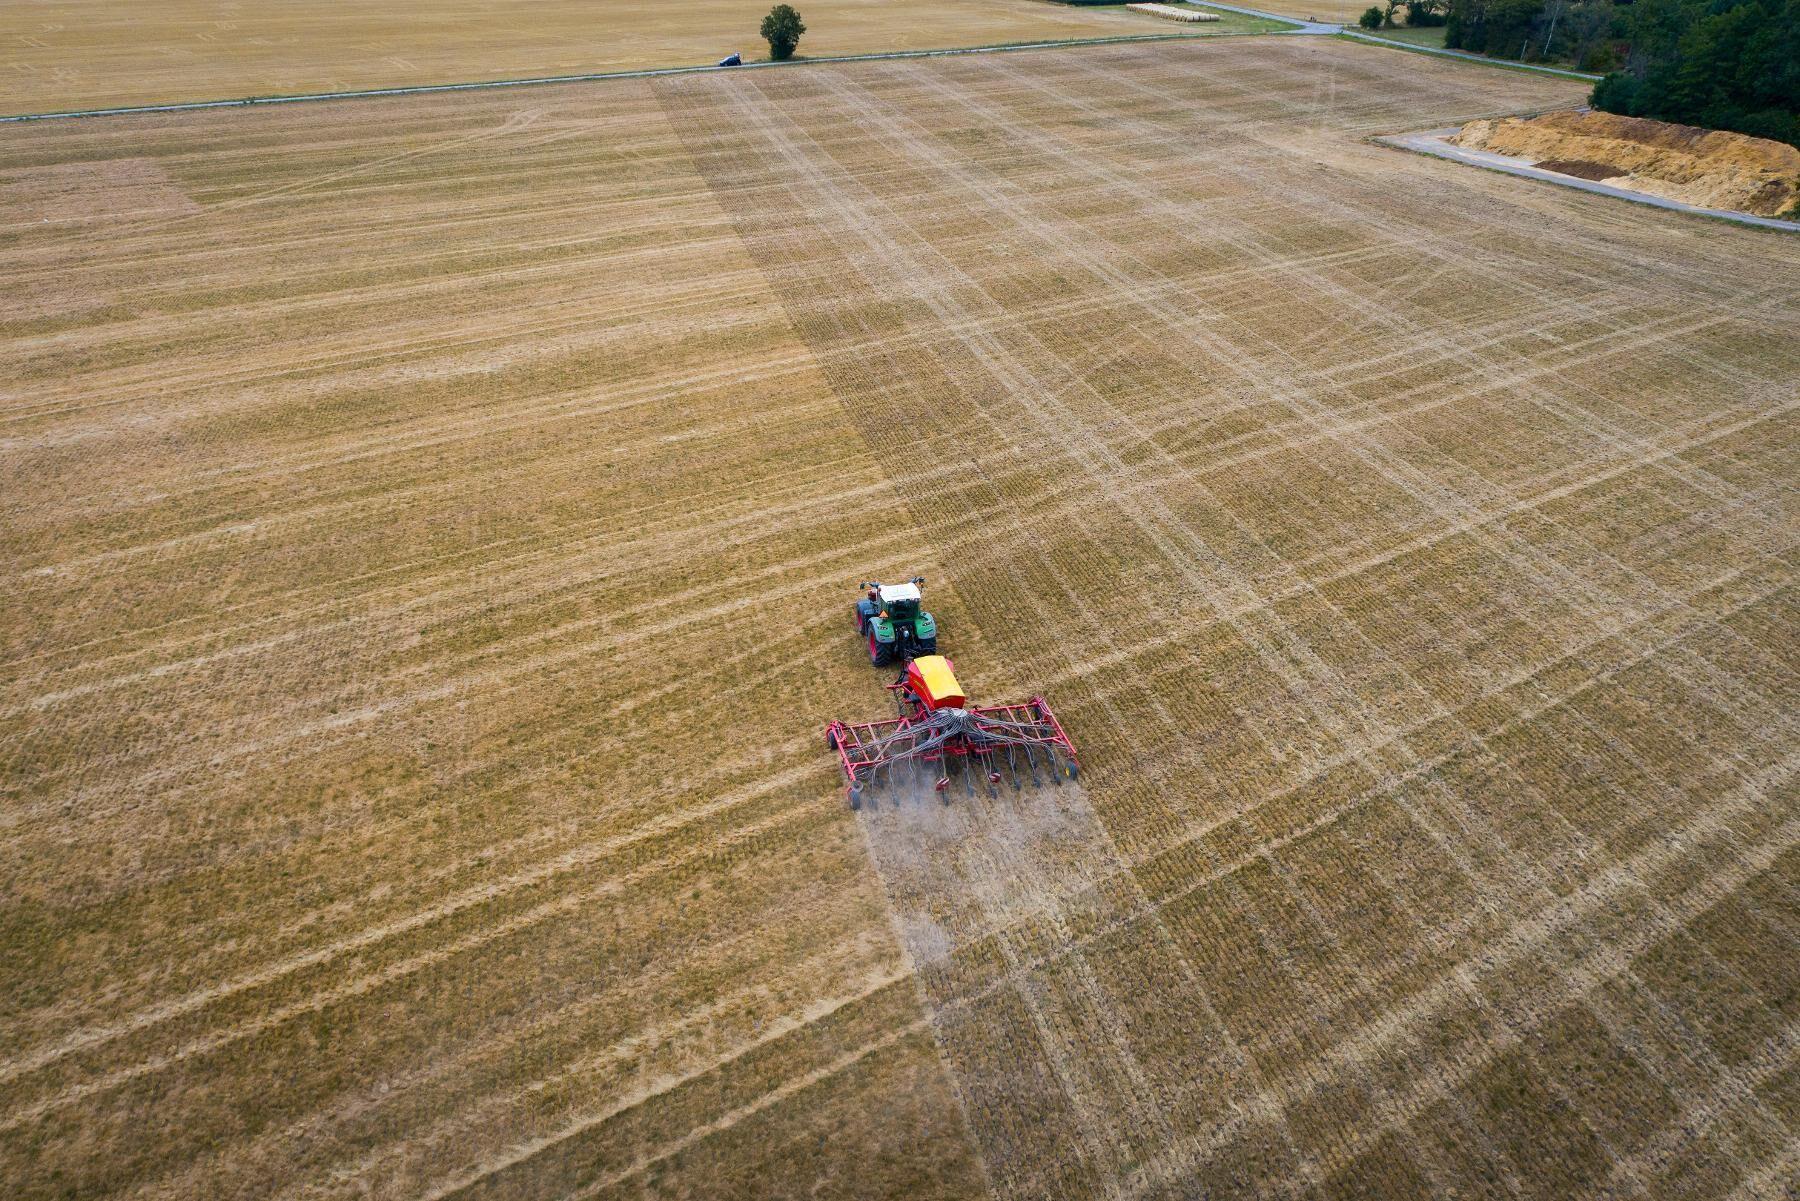 Forskarna ska i uppföljningsstudier bland annat studera hur denitrifikation påverkas av mängden bevuxen mark, mångfalden i växtföljden, olikheter mellan grödorna samt odlingsåtgärder och effekter av insatsmedel. Arkivbild.